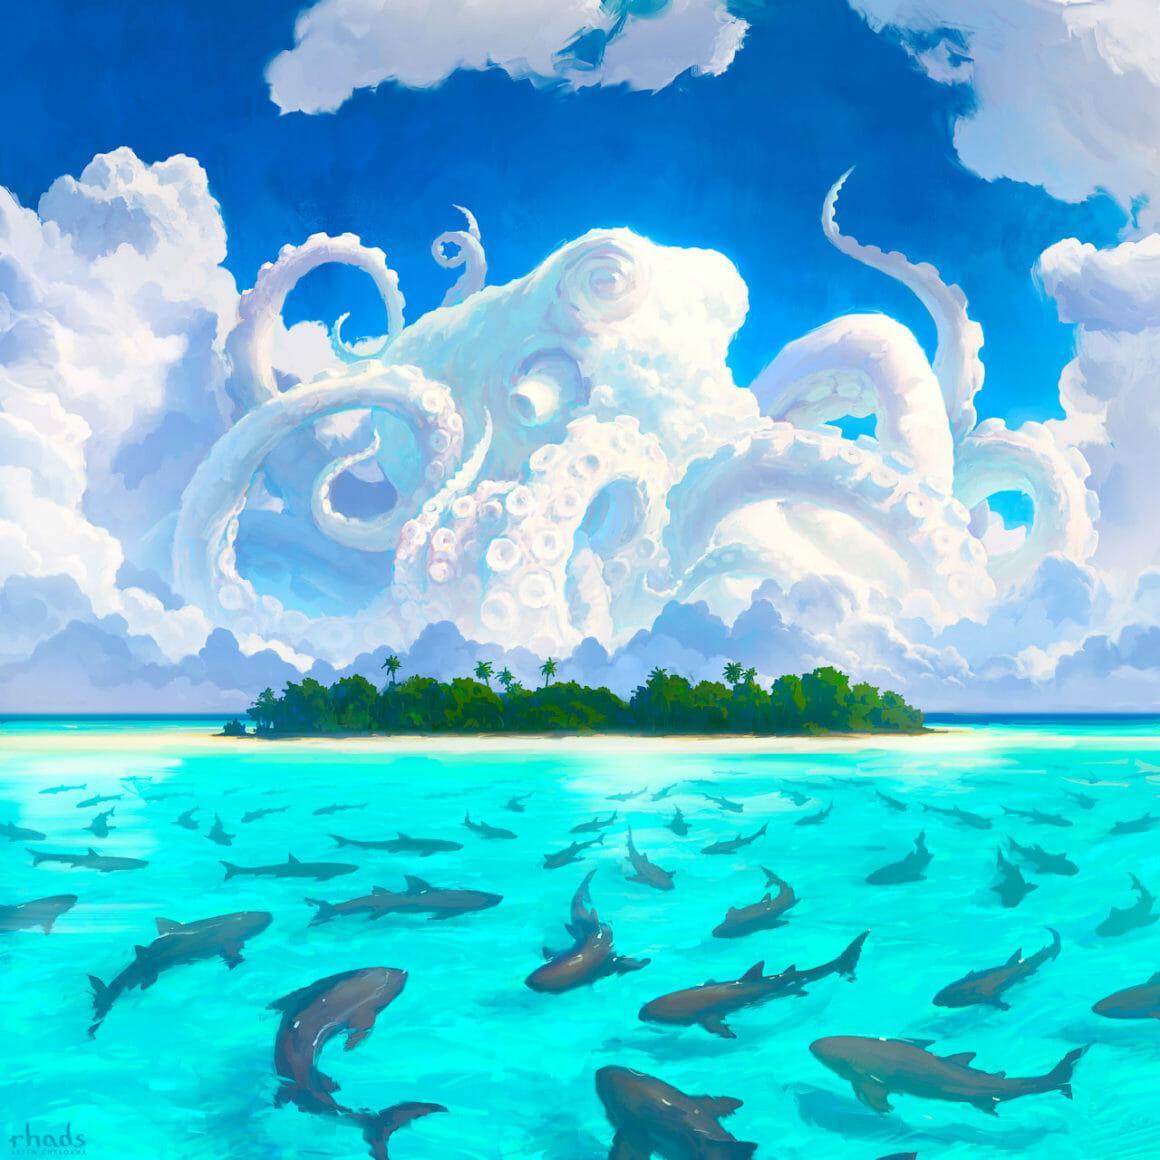 Pieuvre se mêlant aux nuages au dessus d'une ile entourée de requins